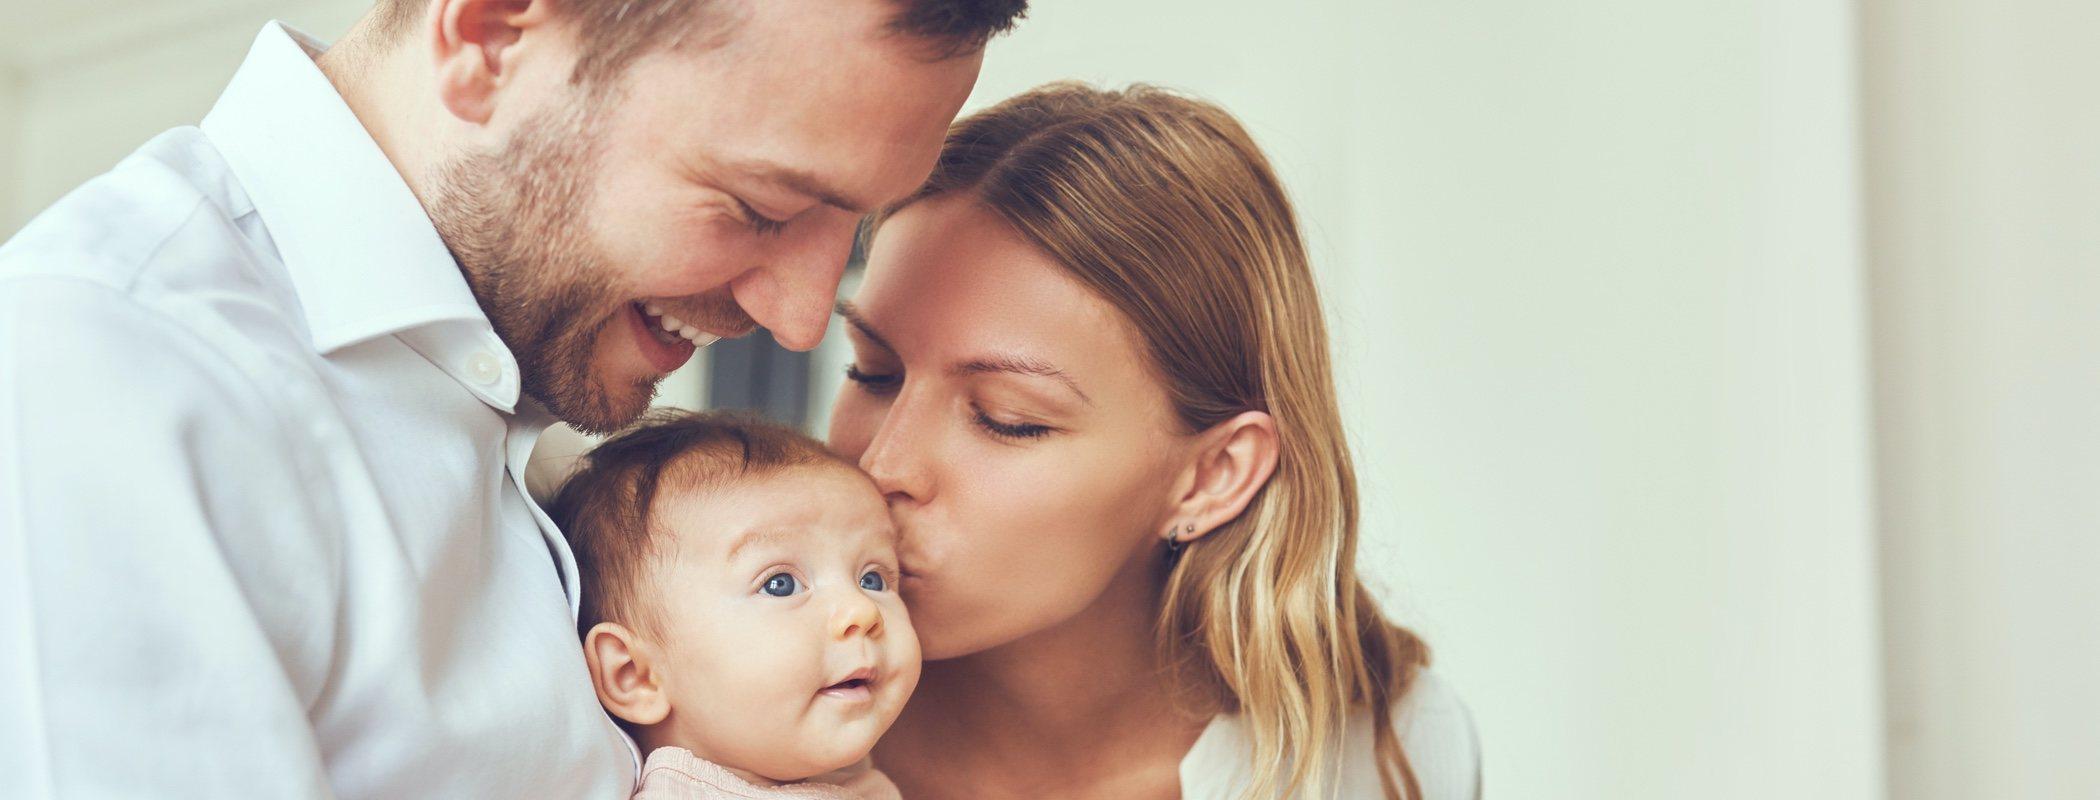 Cómo recuperar la vida sexual tras haber tenido un hijo